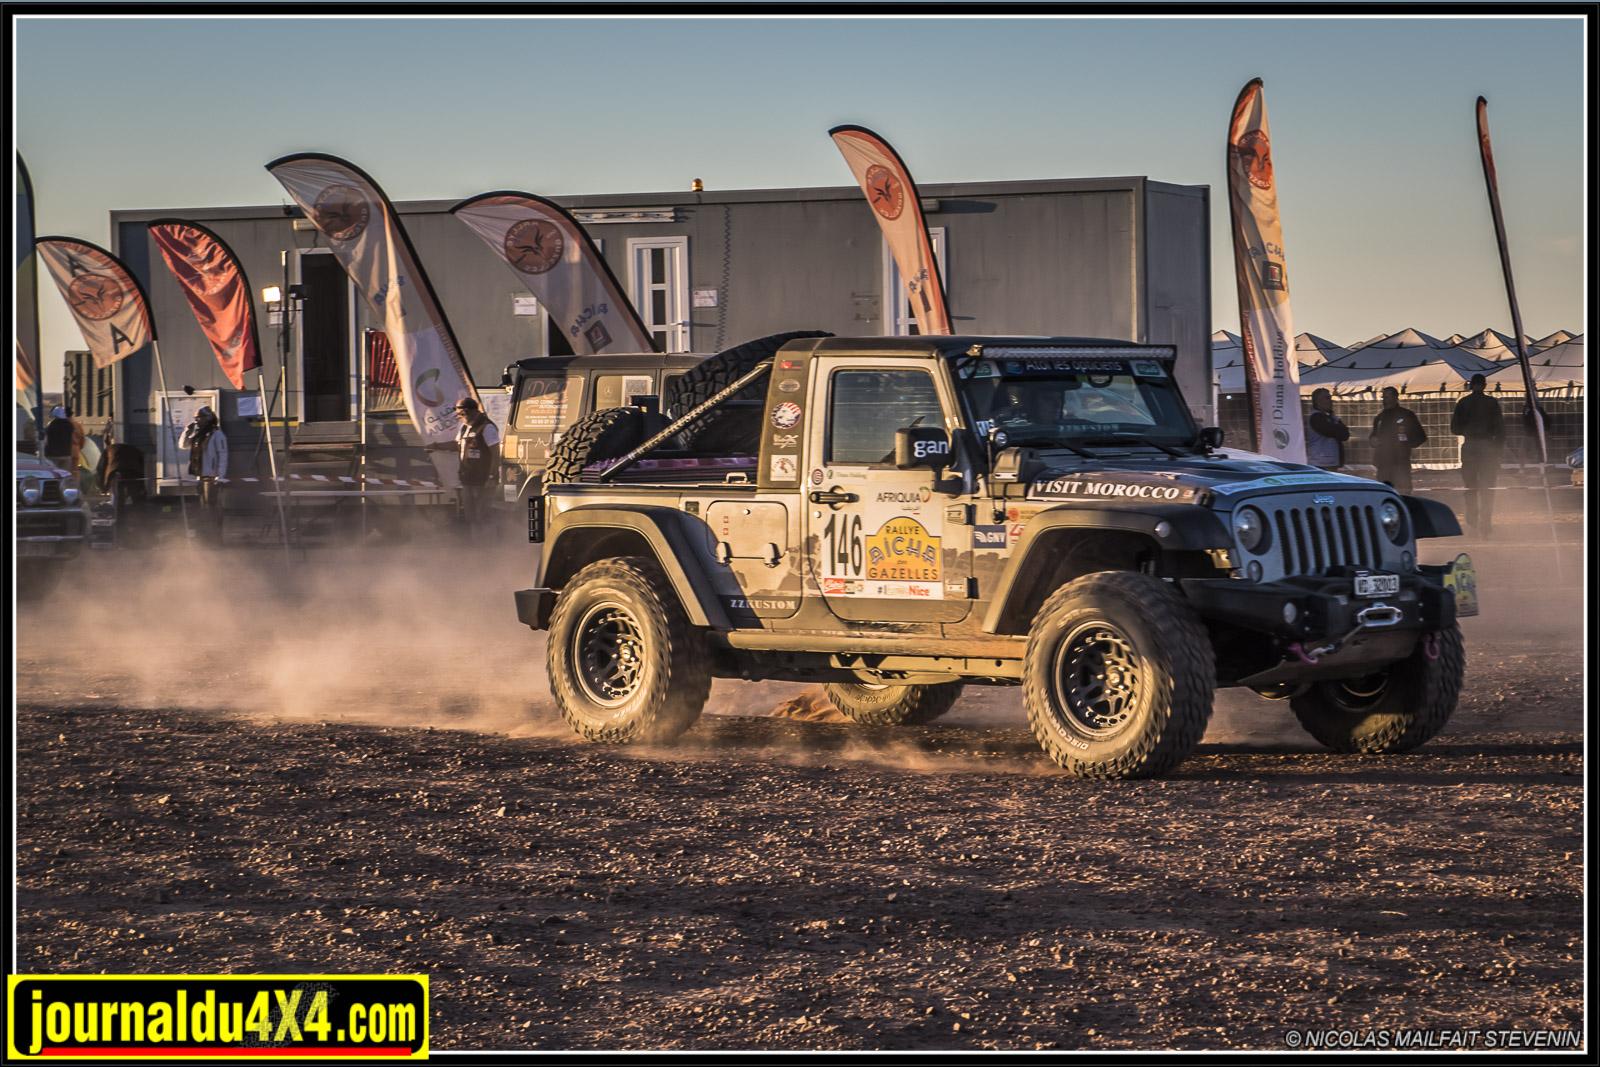 rallye-aicha-gazelles-maroc-2017-7001.jpg